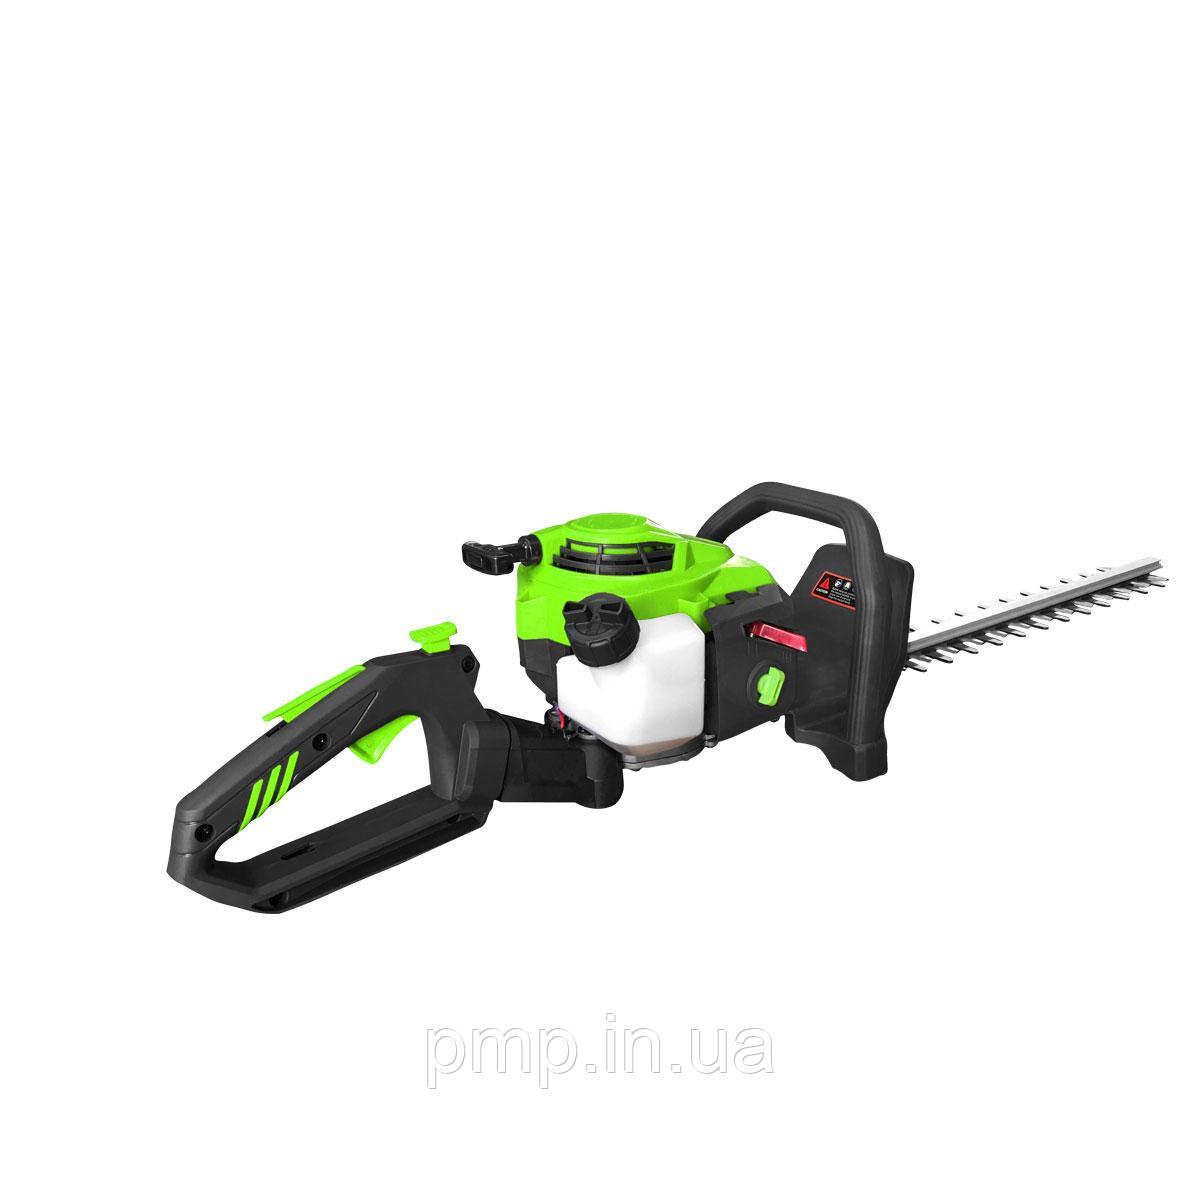 Кущоріз Zipper ZI-BHS605